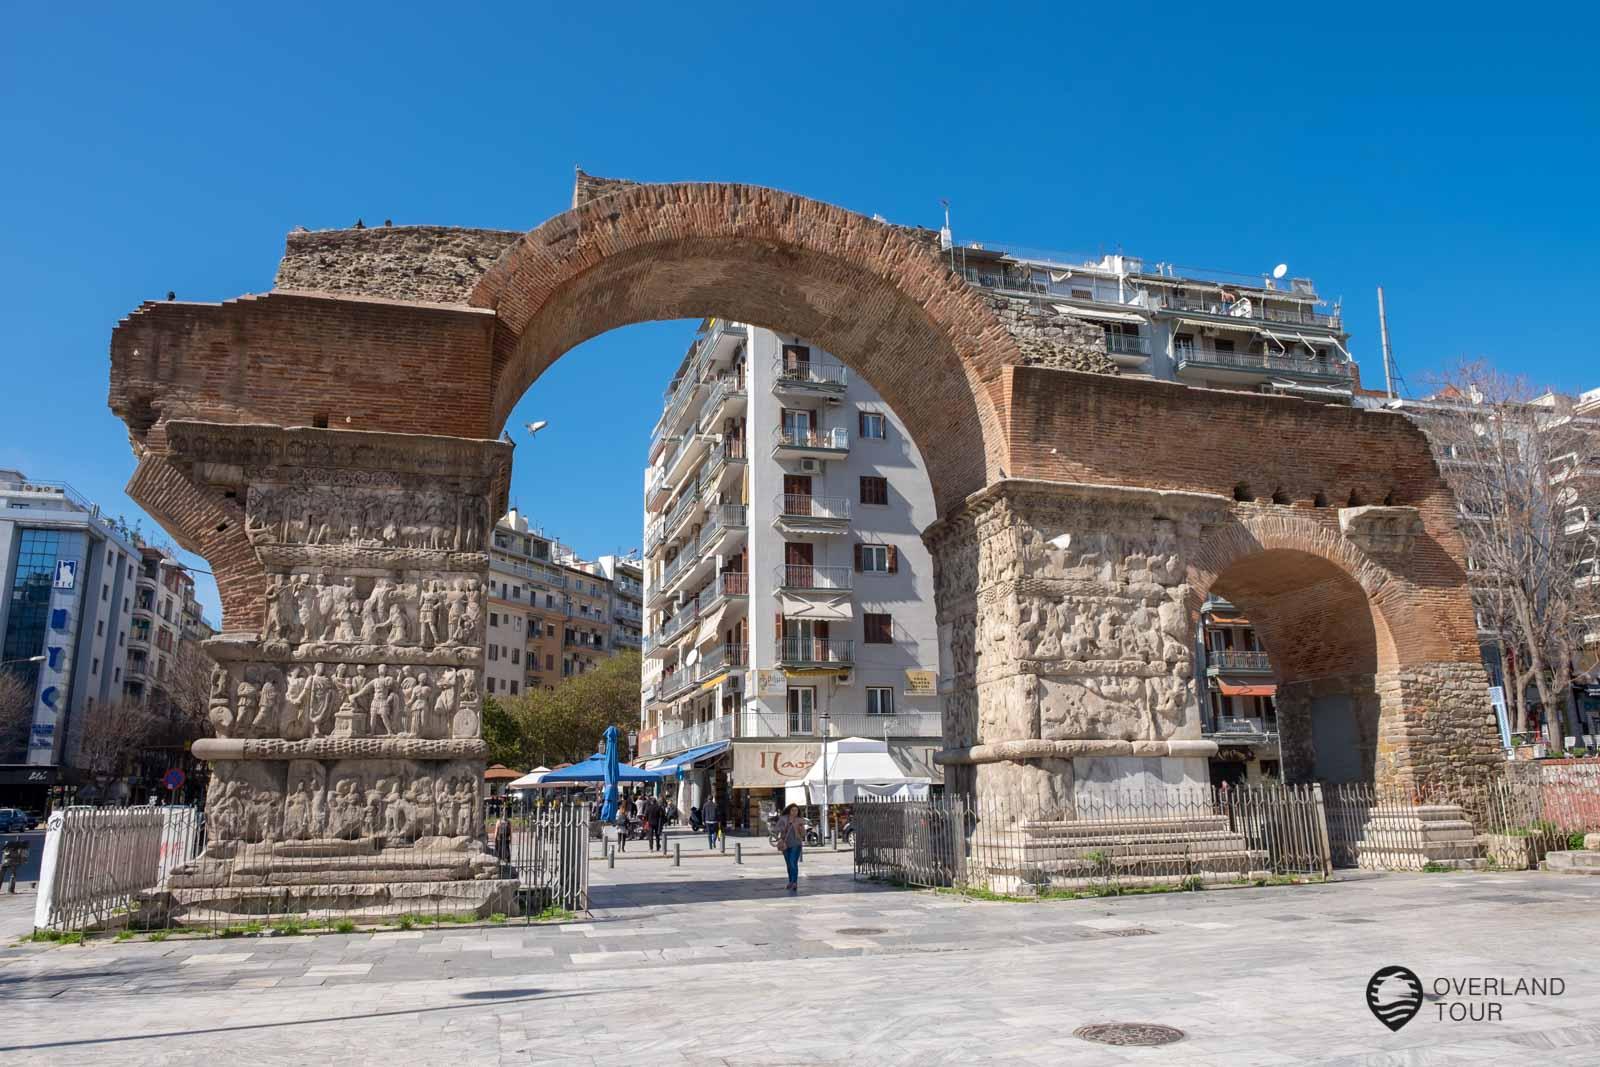 Der Galeriusbogen das Wahrzeichen von Thessaloniki